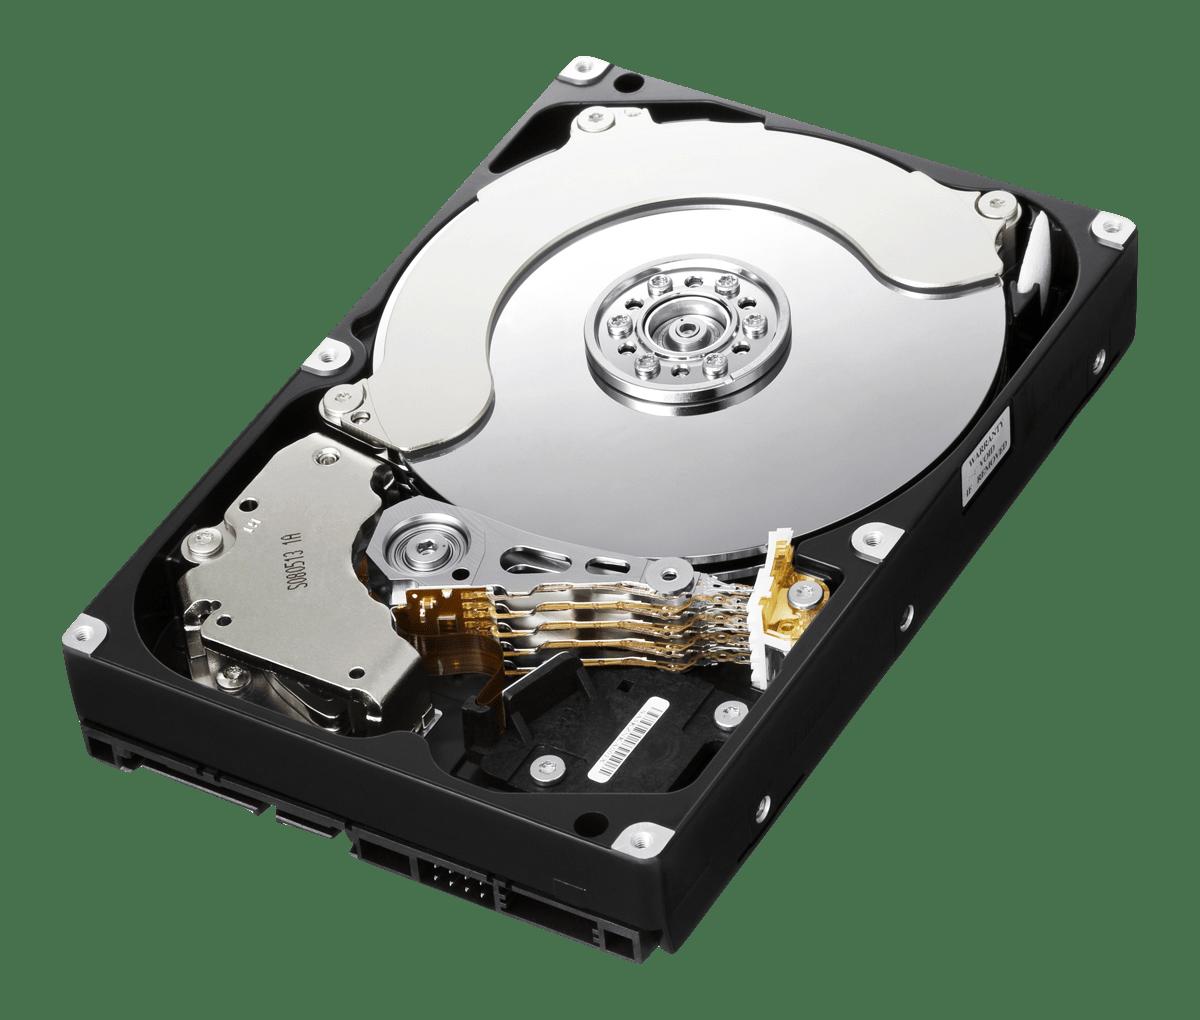 تعمیر هارد دیسک در تبریز